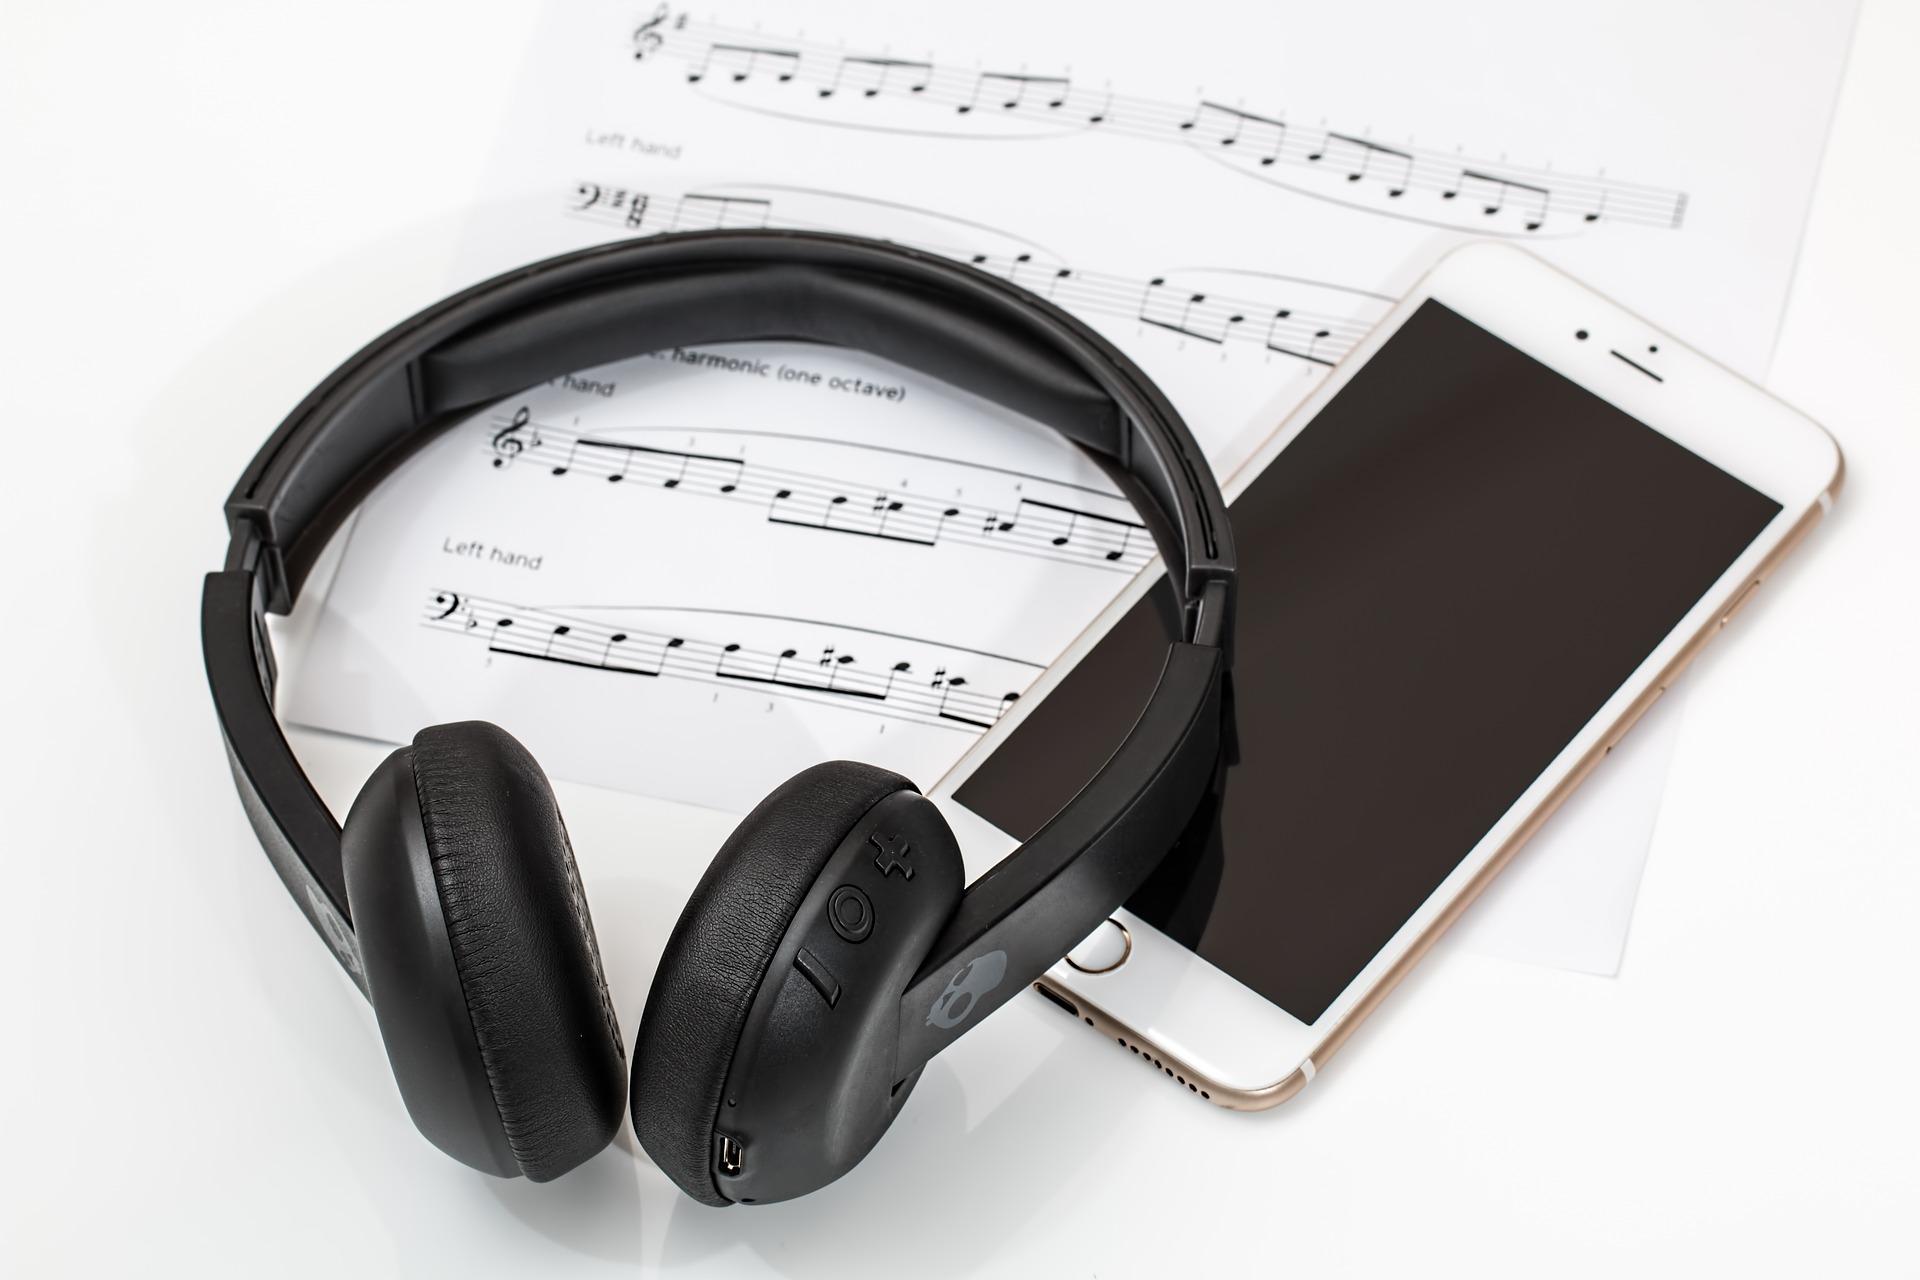 headphones-2789078_1920のアイキャッチ画像